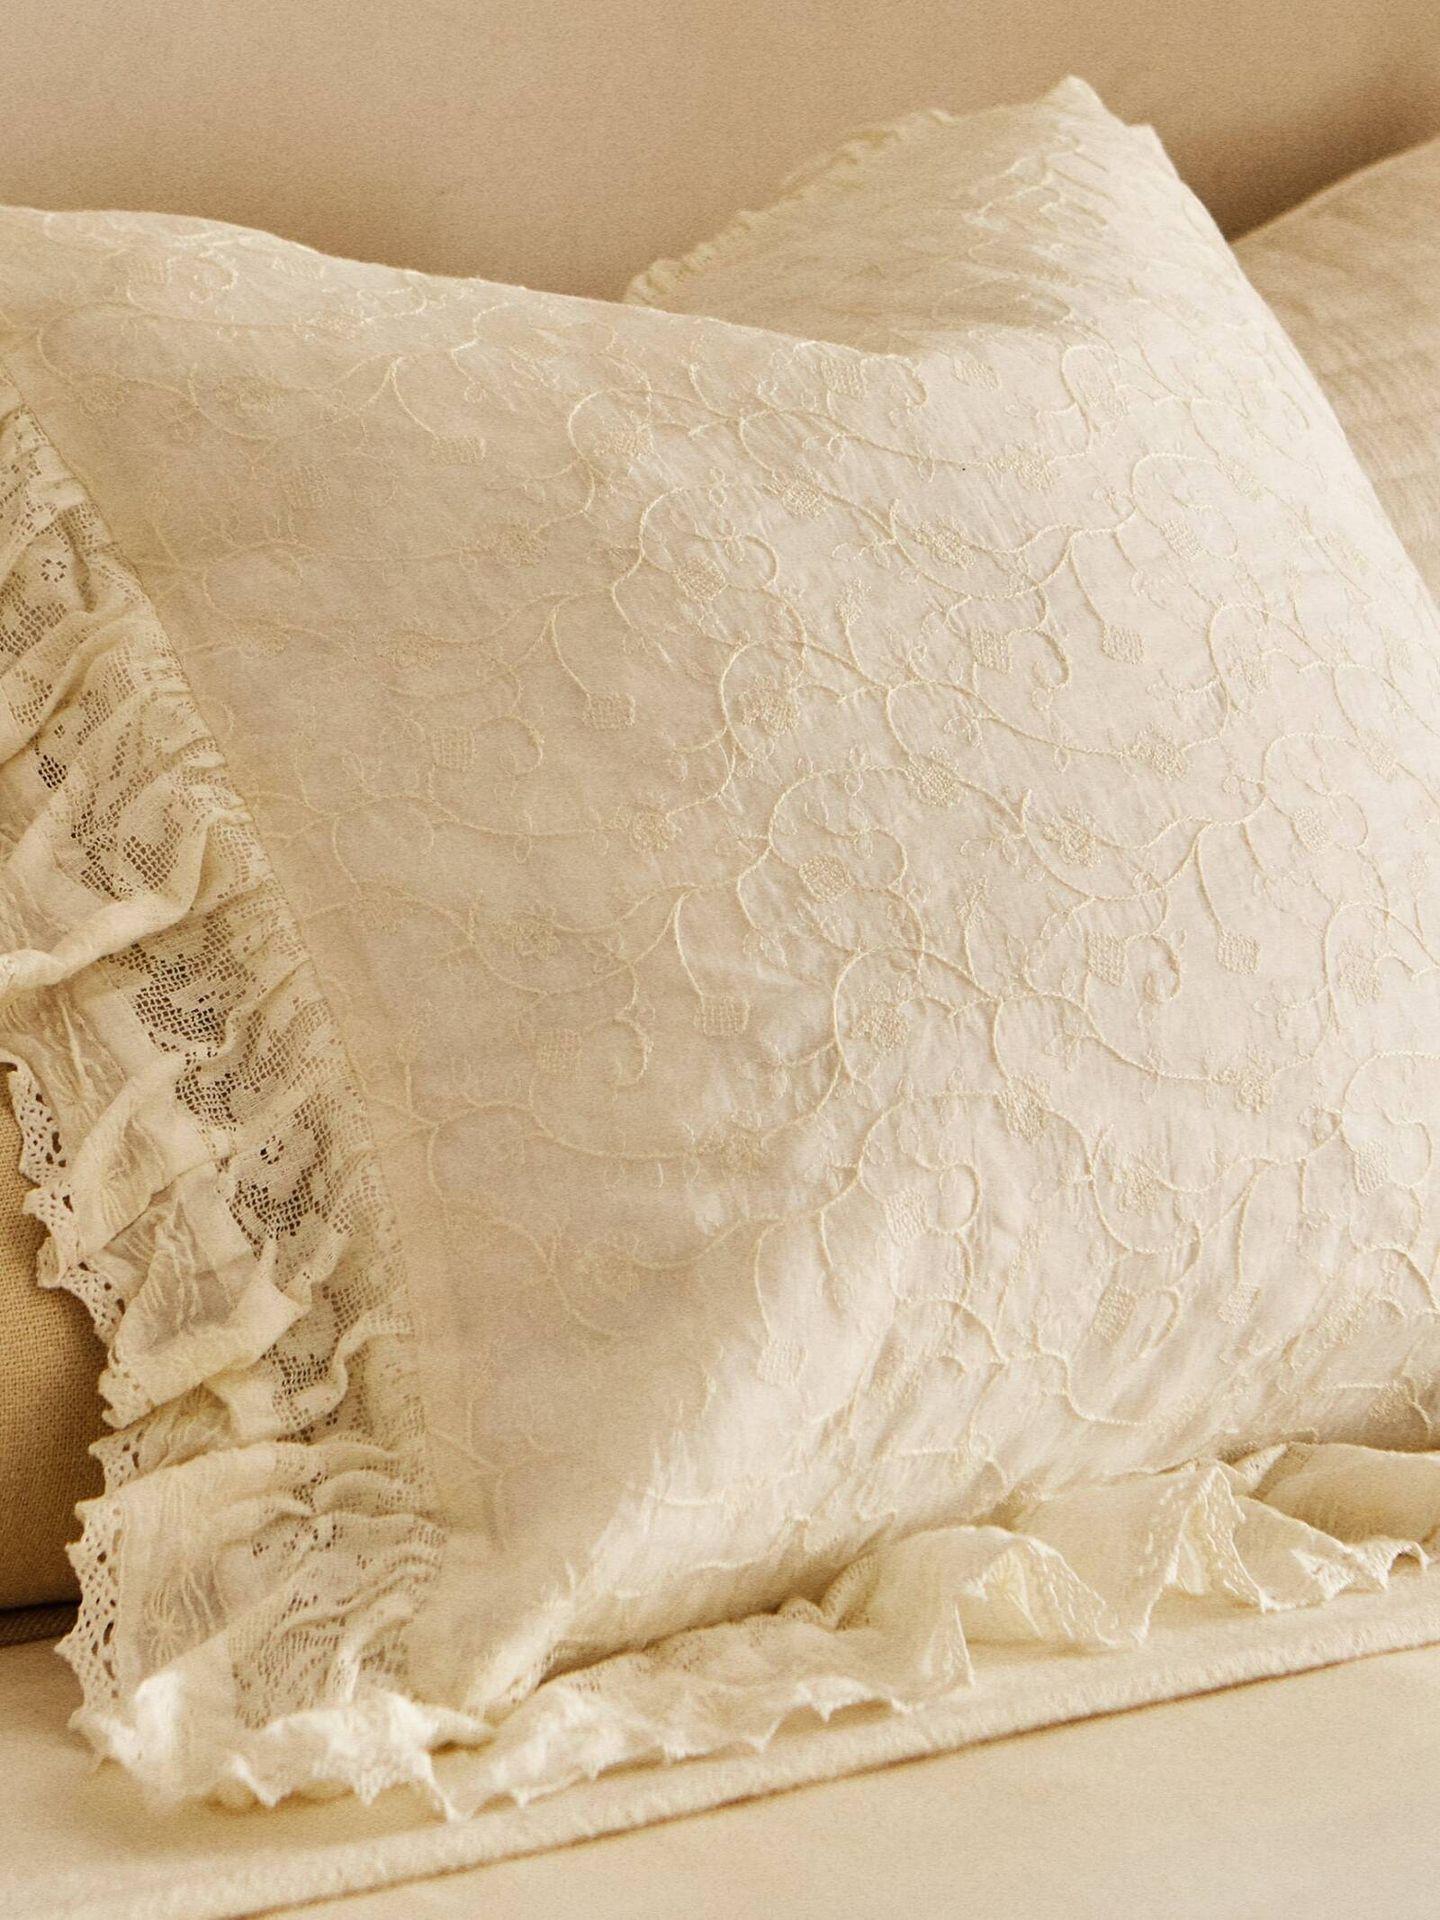 Zara Home nos invita a llenar de bordados nuestro dormitorio. (Cortesía)